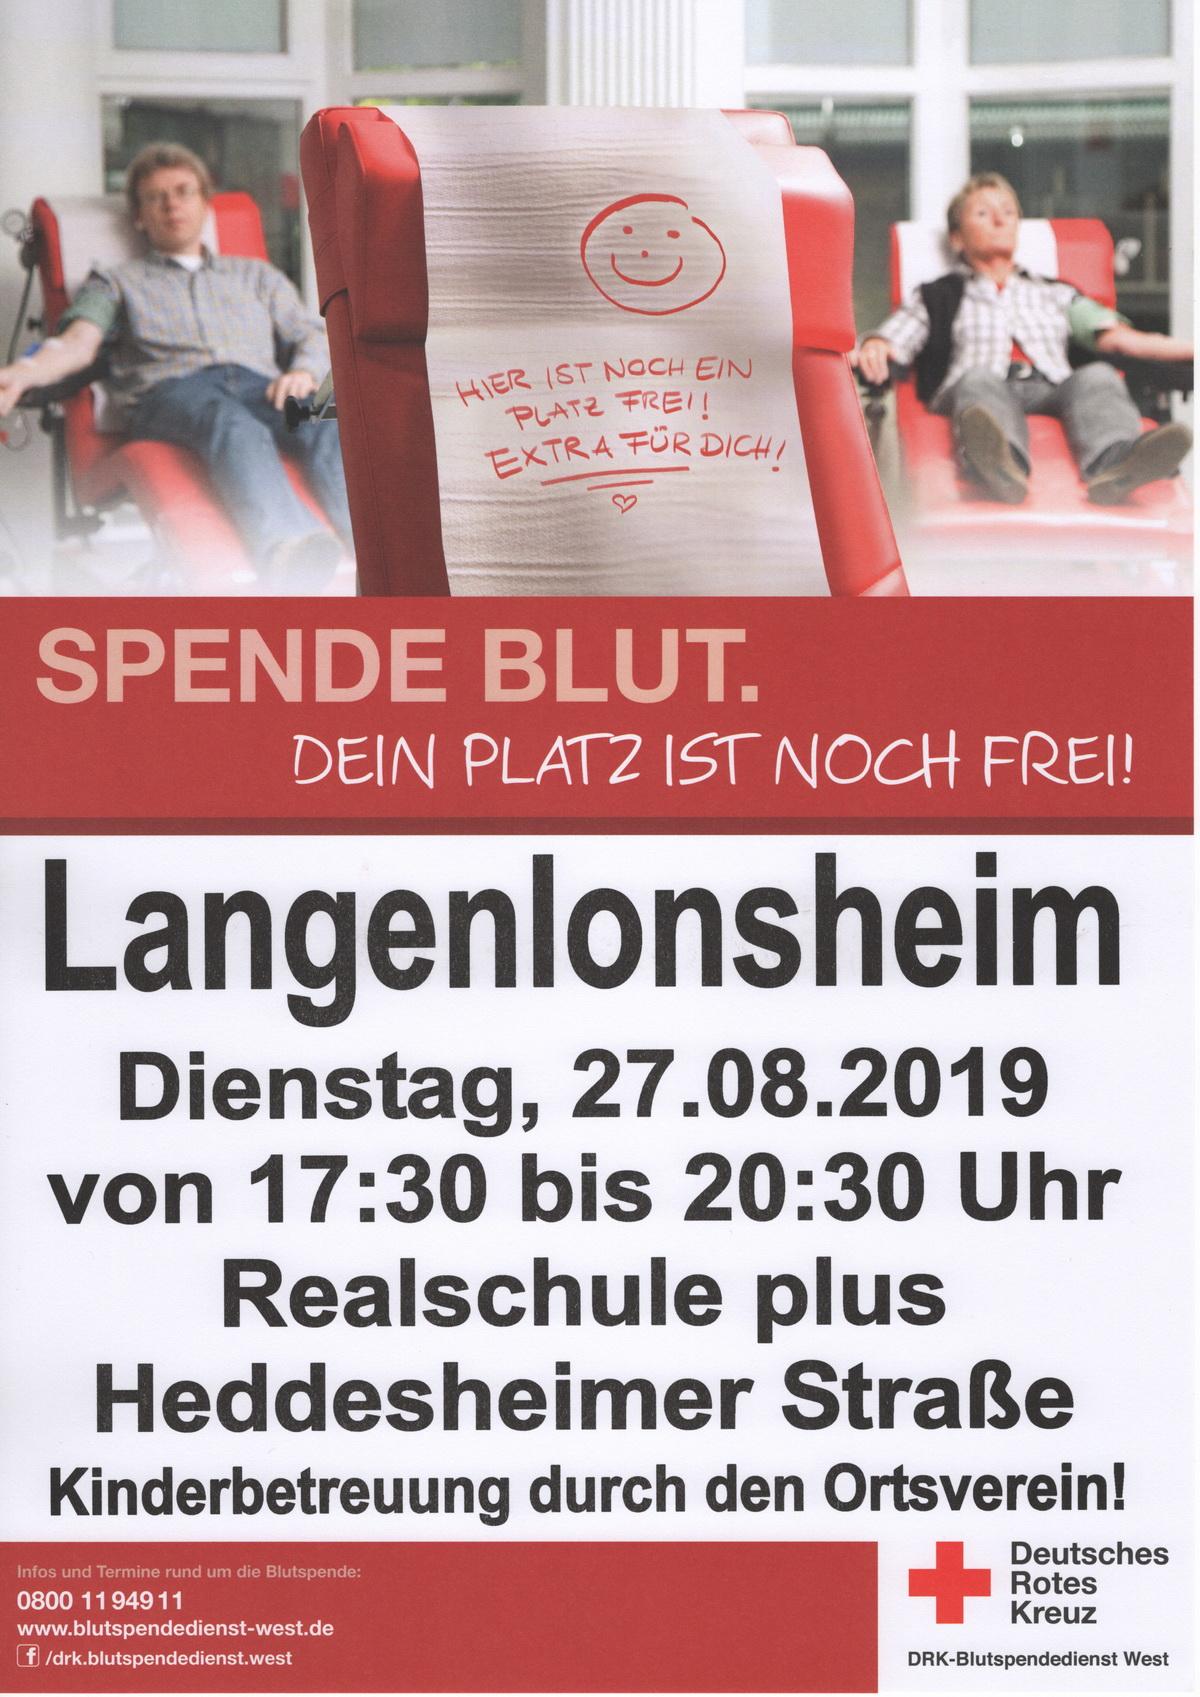 Nächster Blutspendetermin in Langenlonsheim am 27.8.2019 von 17.30 - 20.30 Uhr